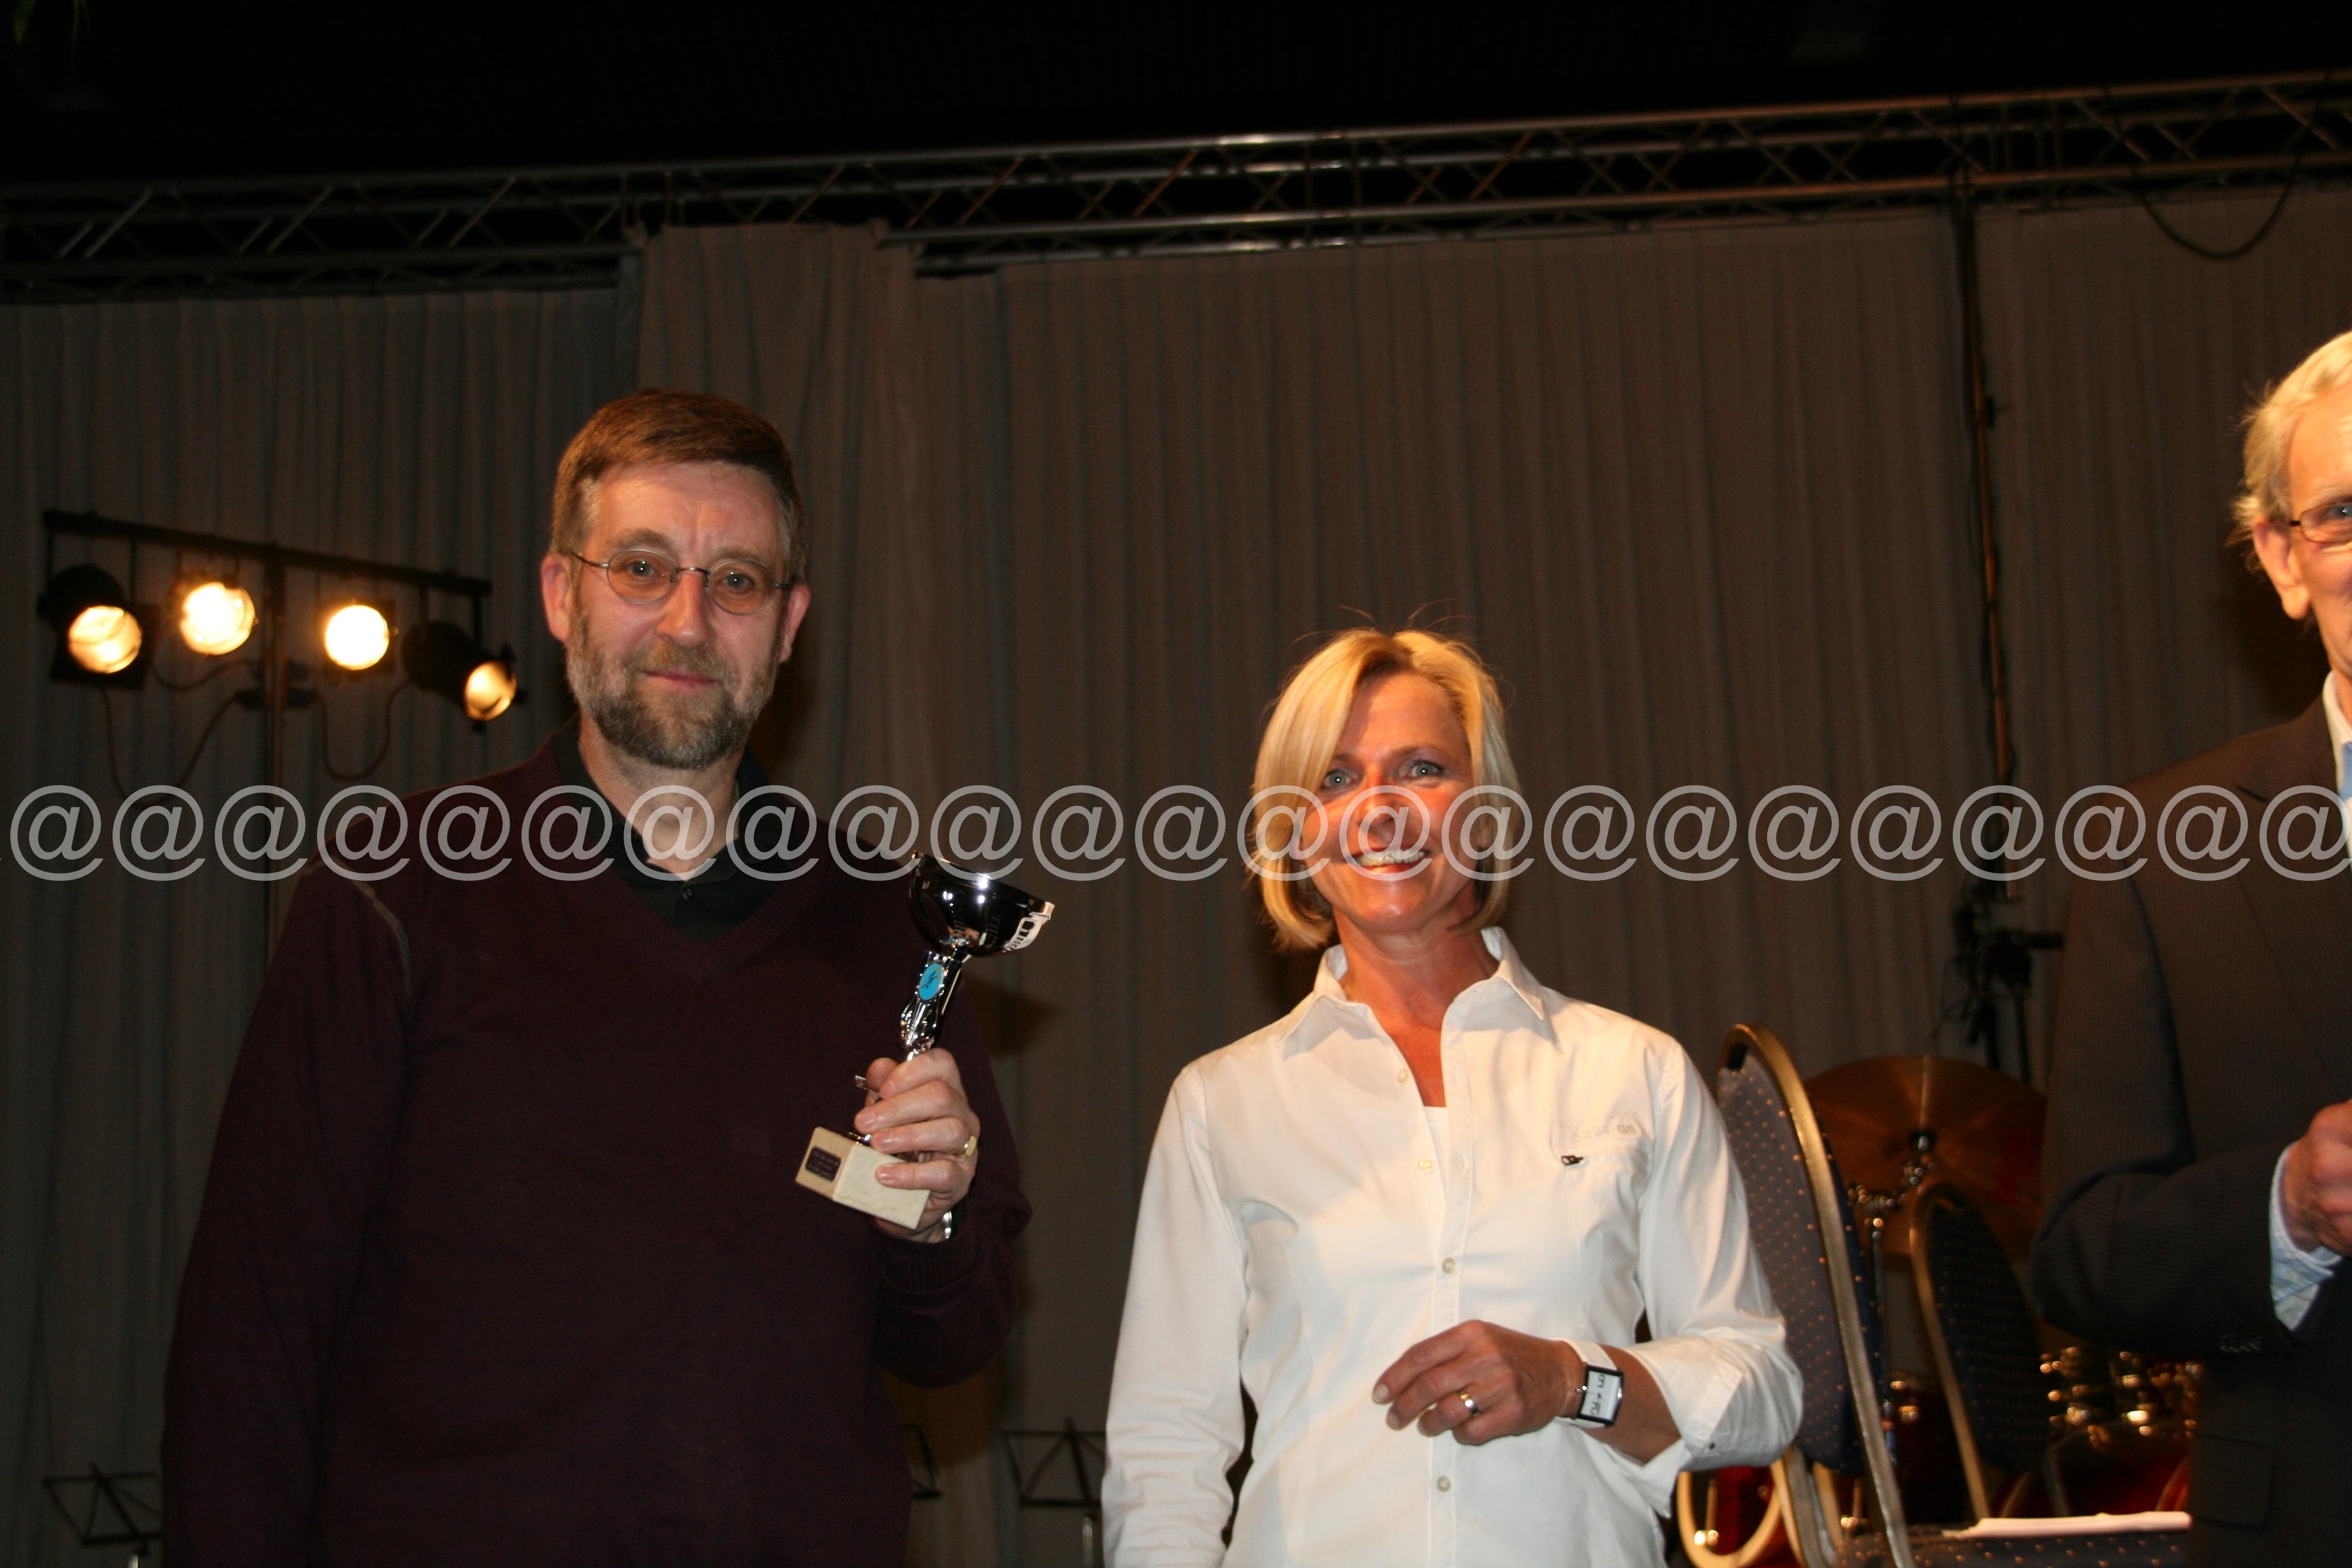 2011 Greidebrass - Spijkerfestival - solistenprijs